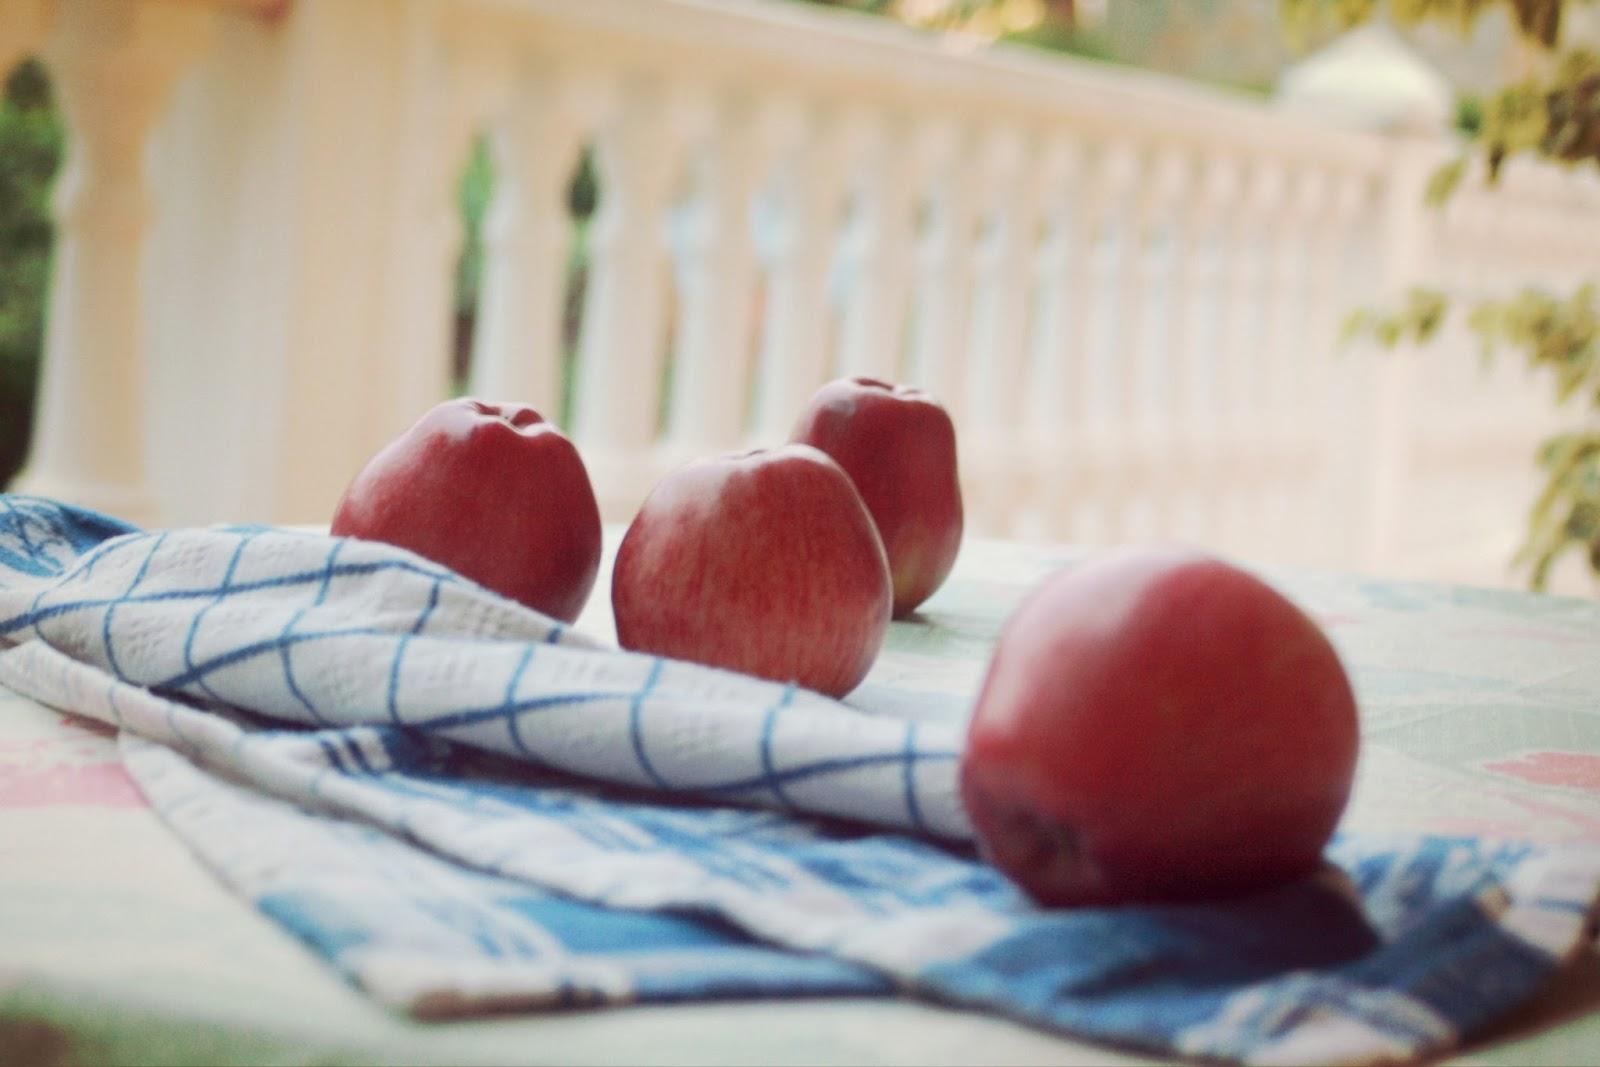 Manzanas rojas sobre una mesa